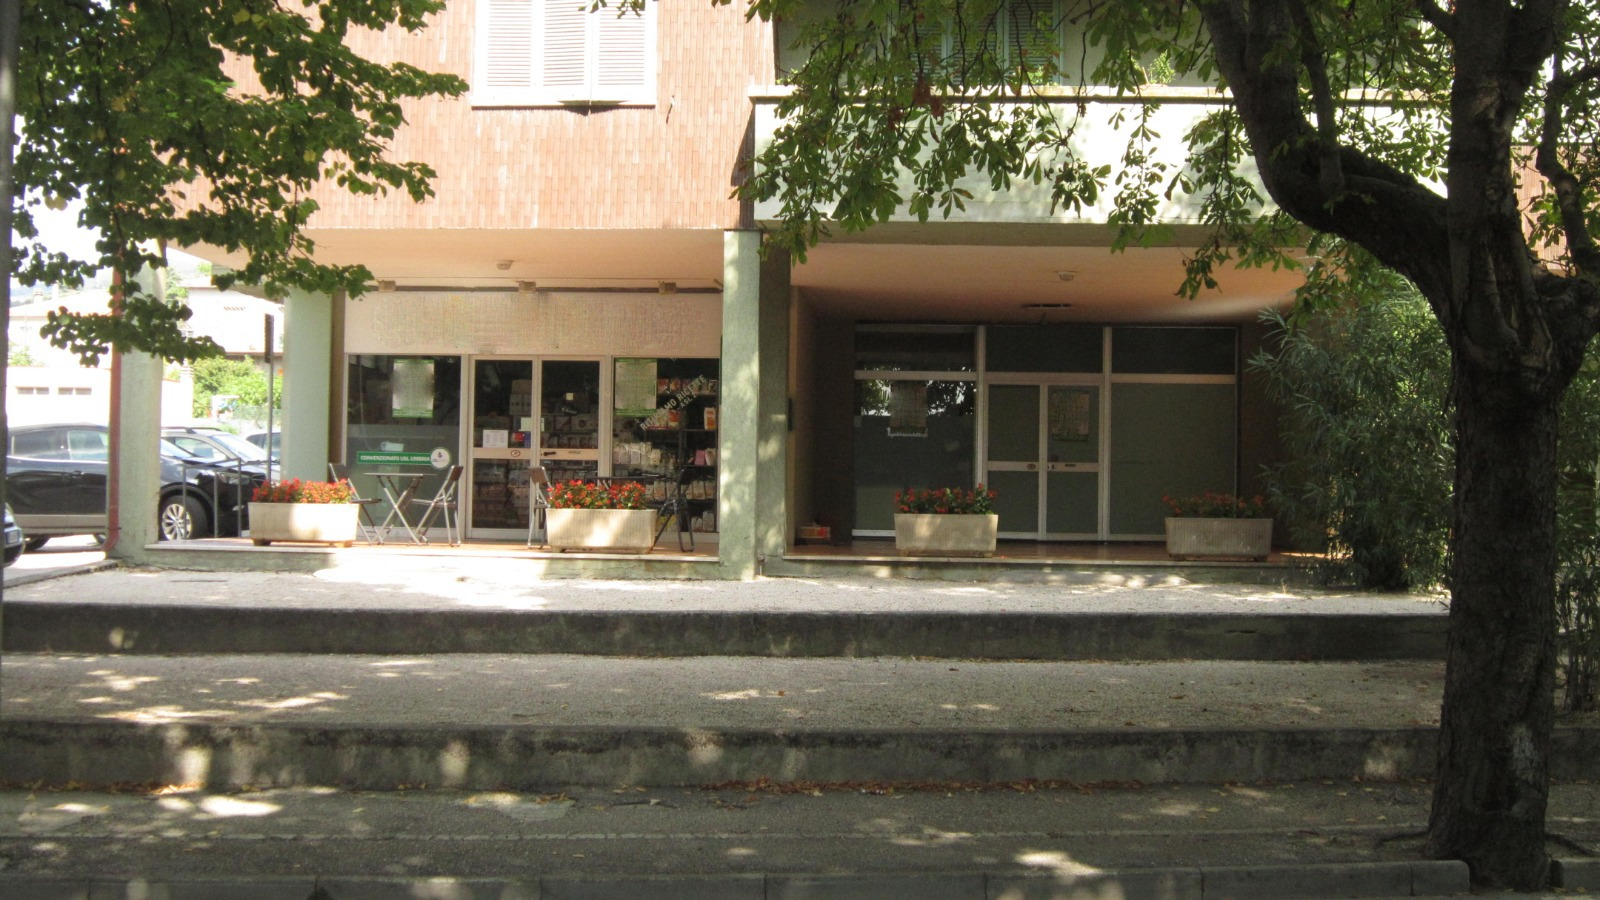 locale commerciale 80 mq con spazio esterno